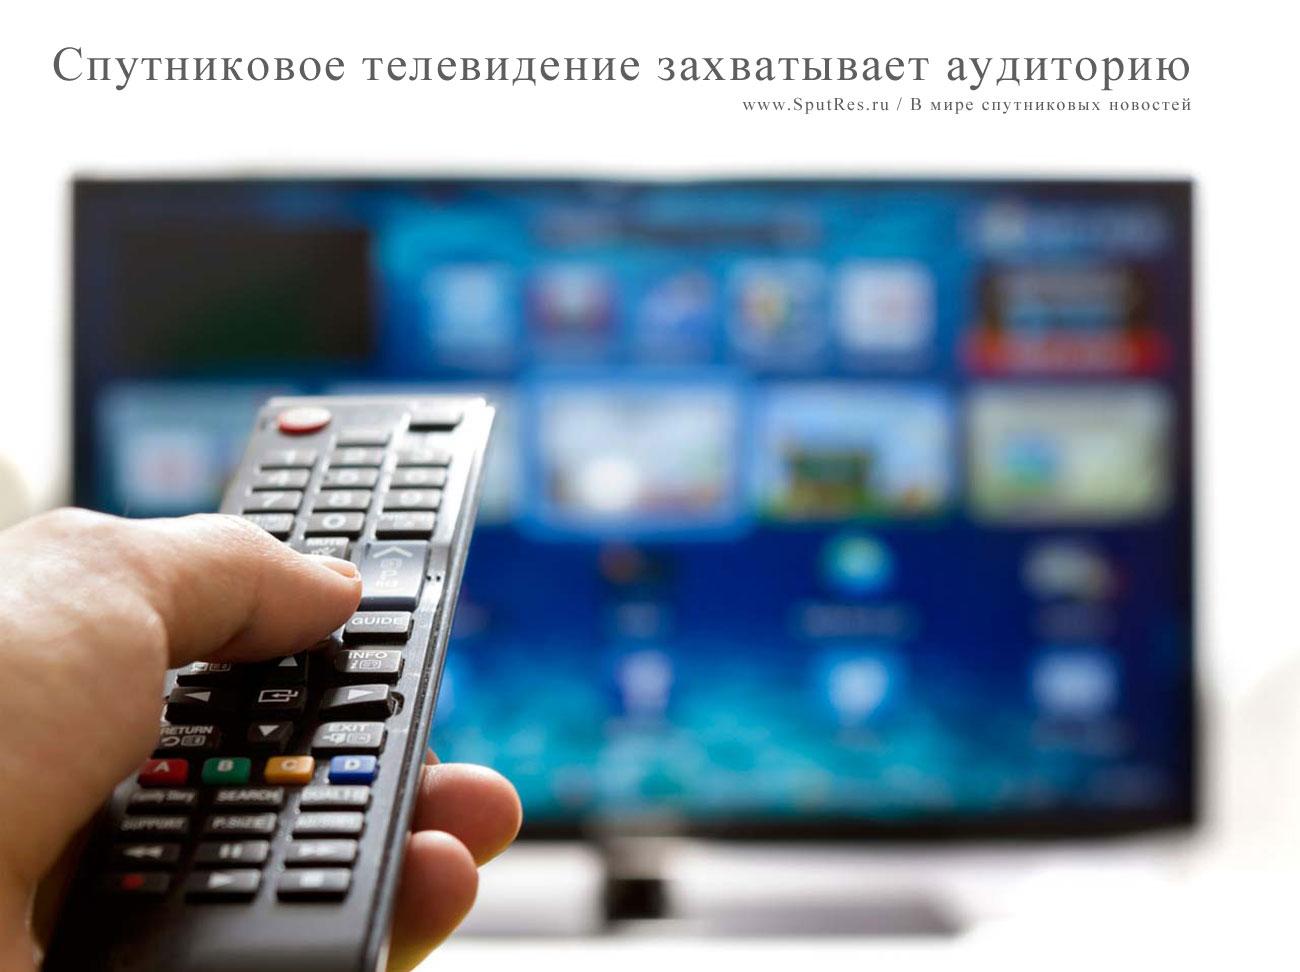 Спутниковые каналы для взрослых онлайн 23 фотография